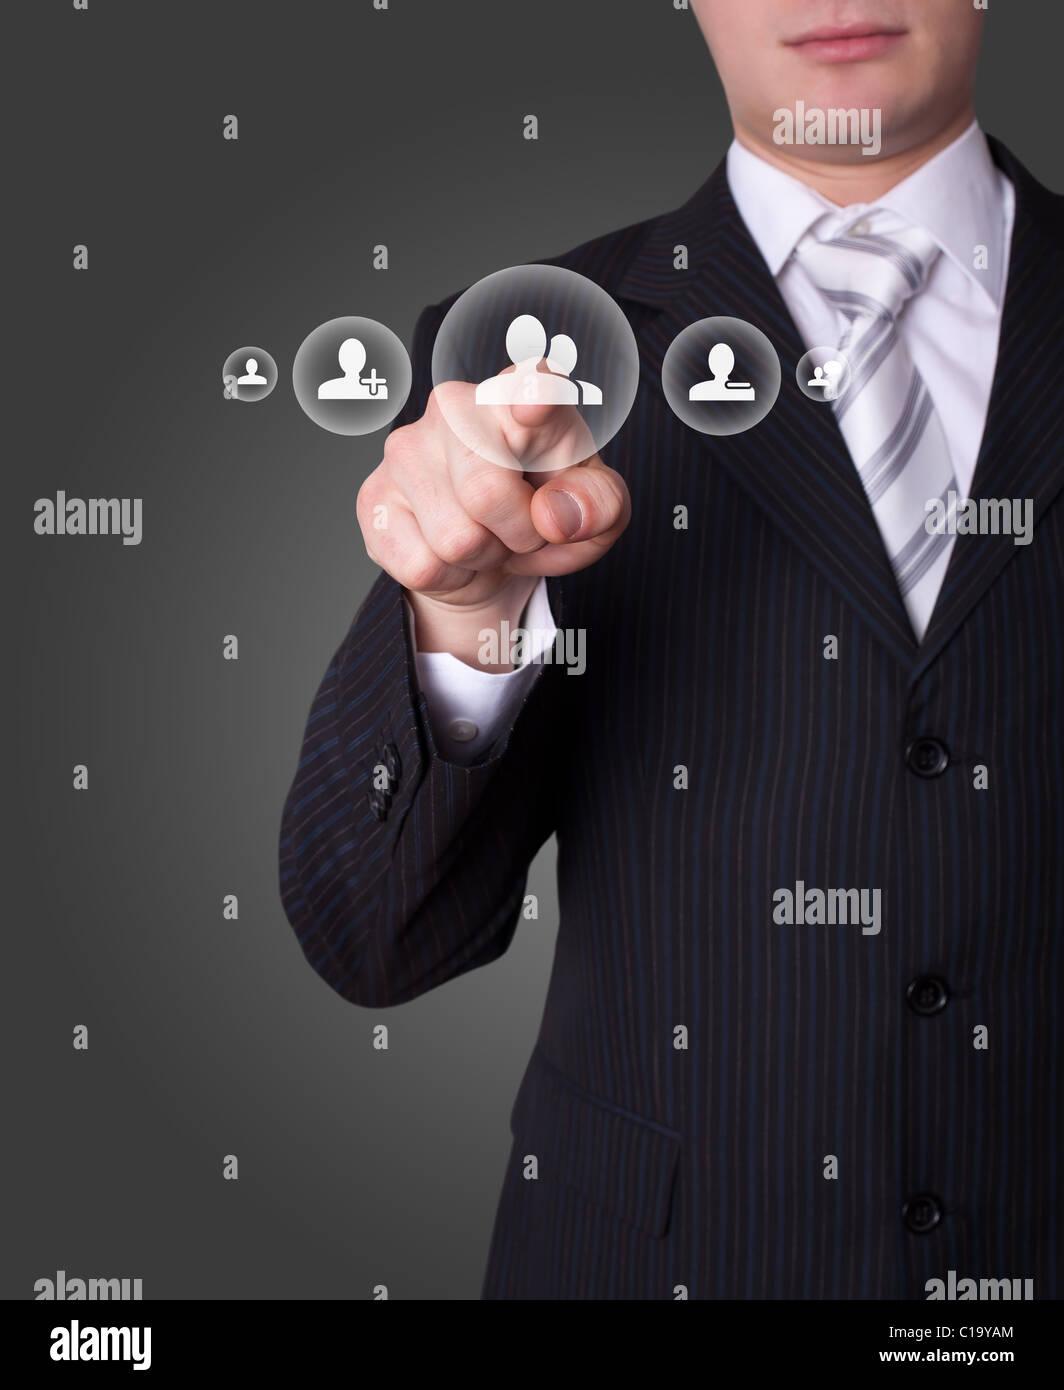 La mano pulsando el botón de la red social Imagen De Stock